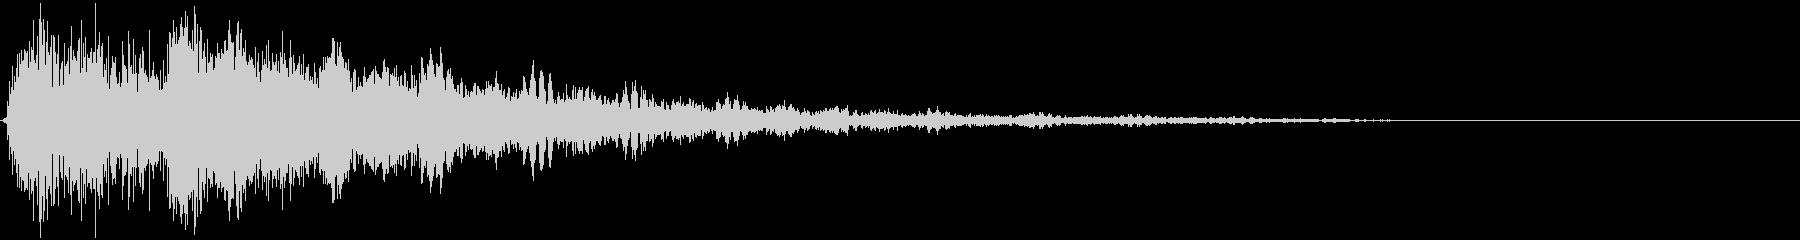 テロップ紹介(ピアノとシンセ:バン)2の未再生の波形